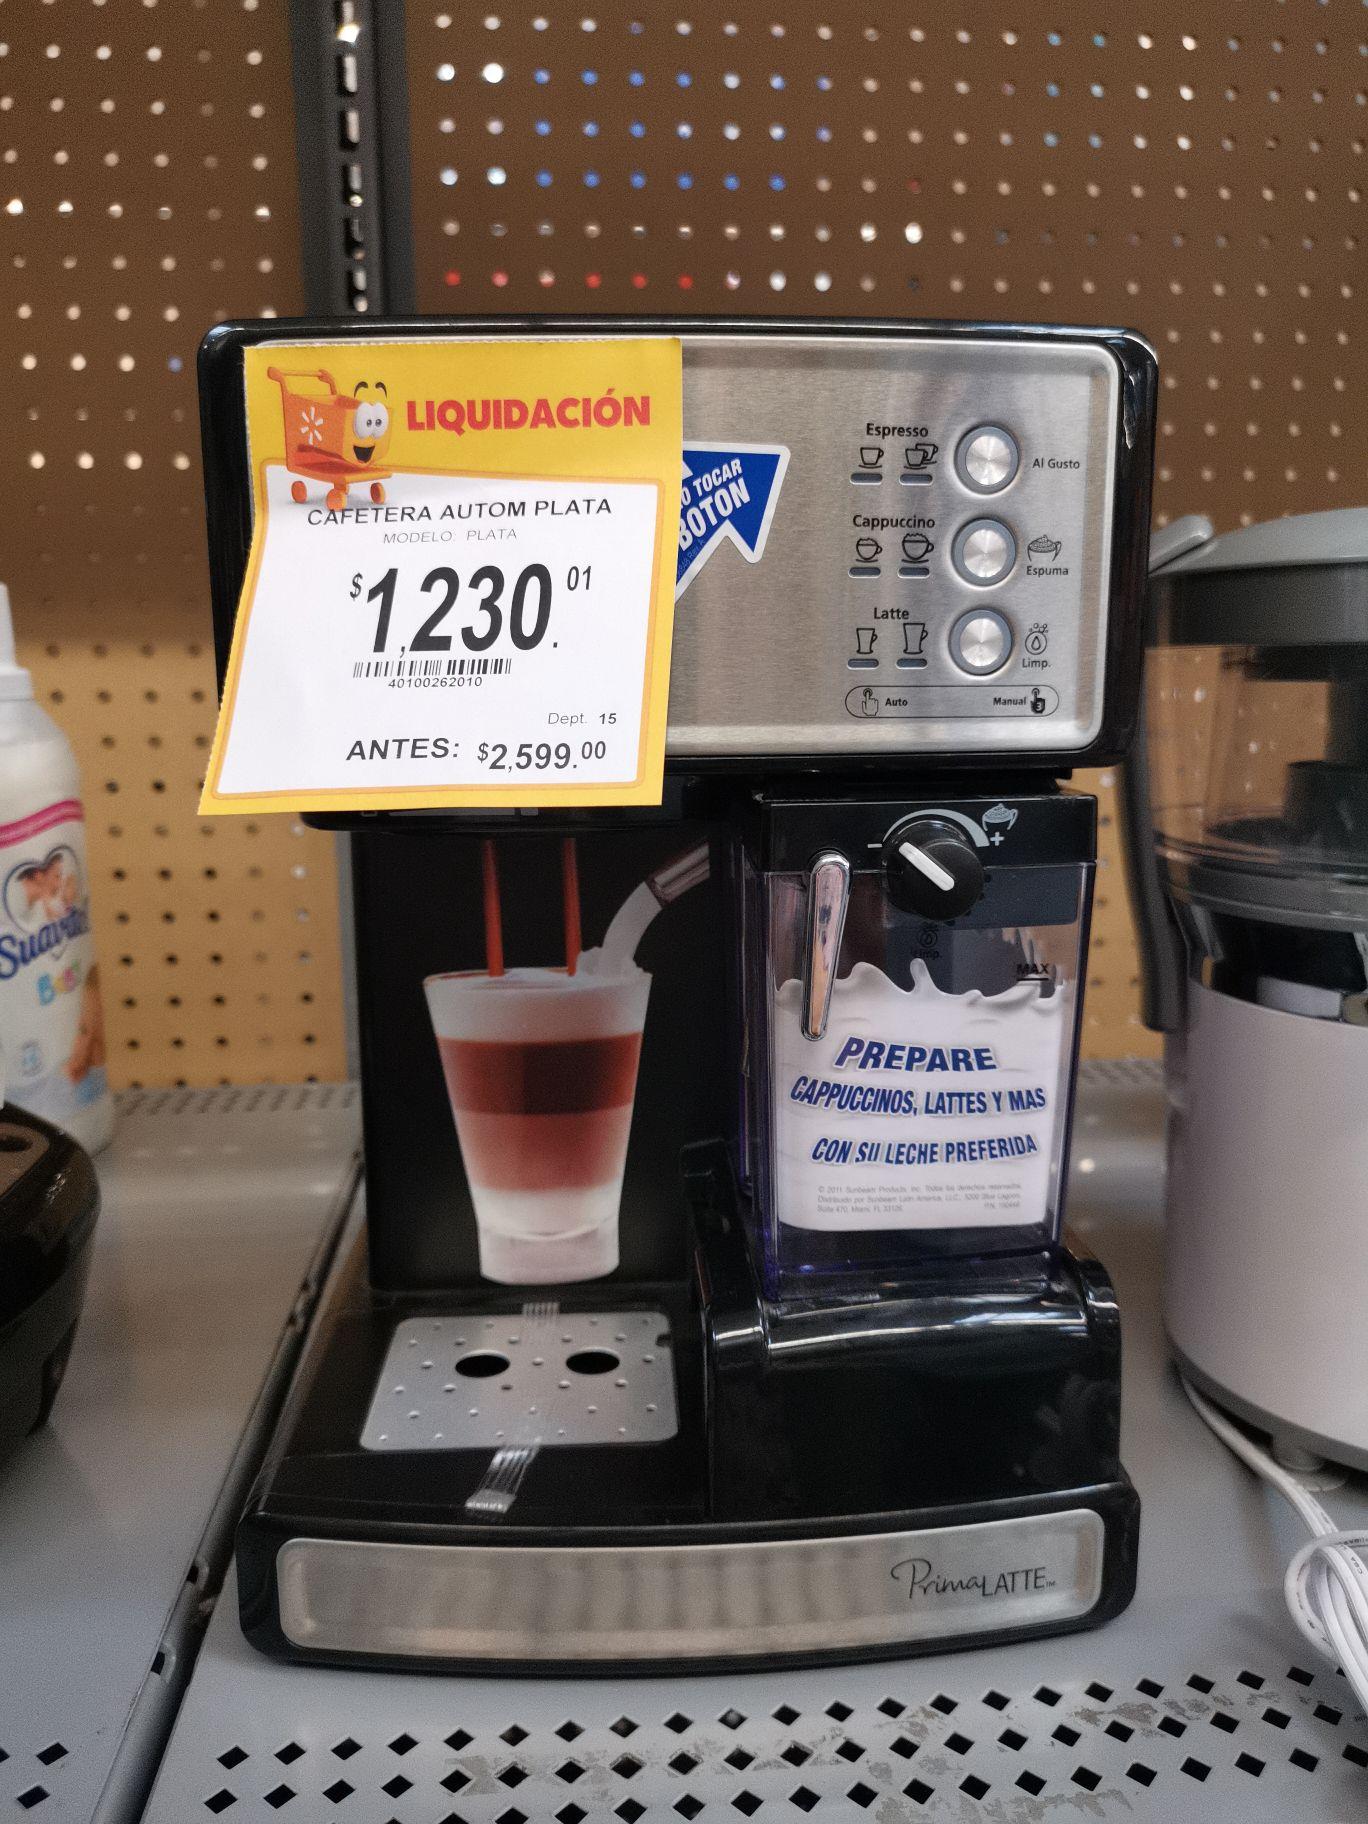 Walmart: Cafetera para cappuccino Oster